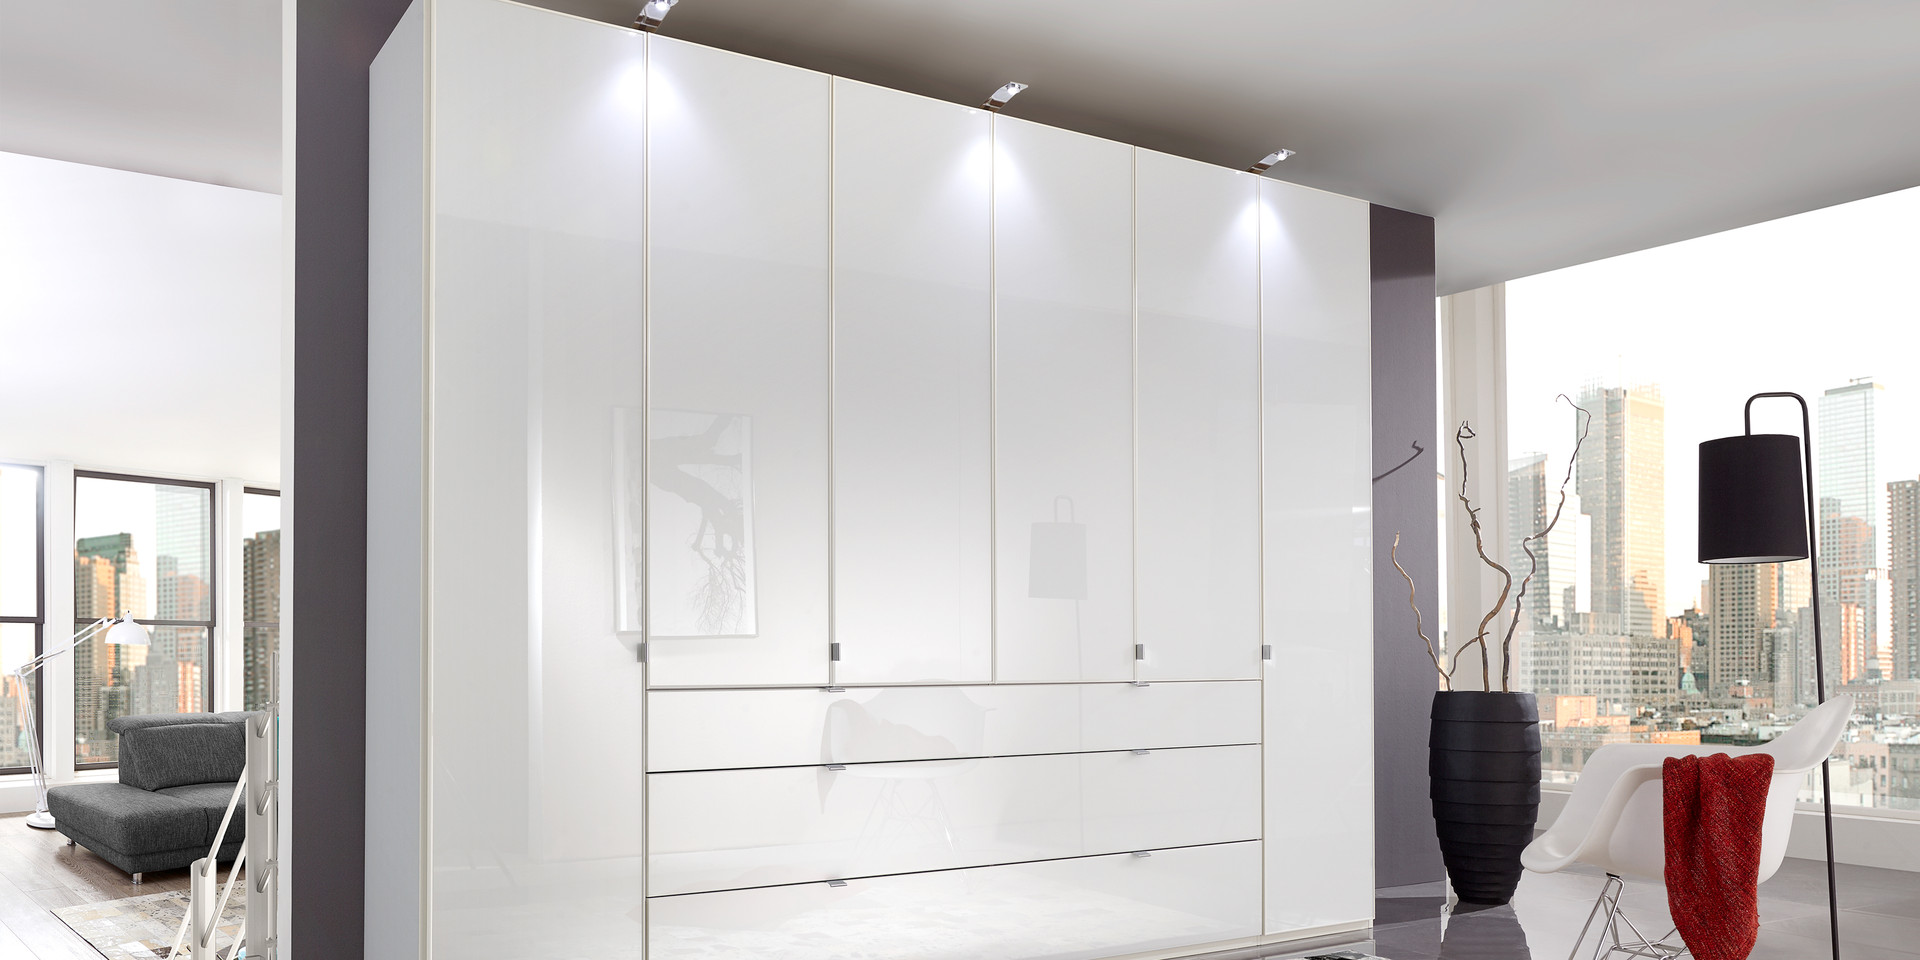 Tapetenmuster schlafzimmer braun ~ Ideen für die Innenarchitektur Ihres Hauses